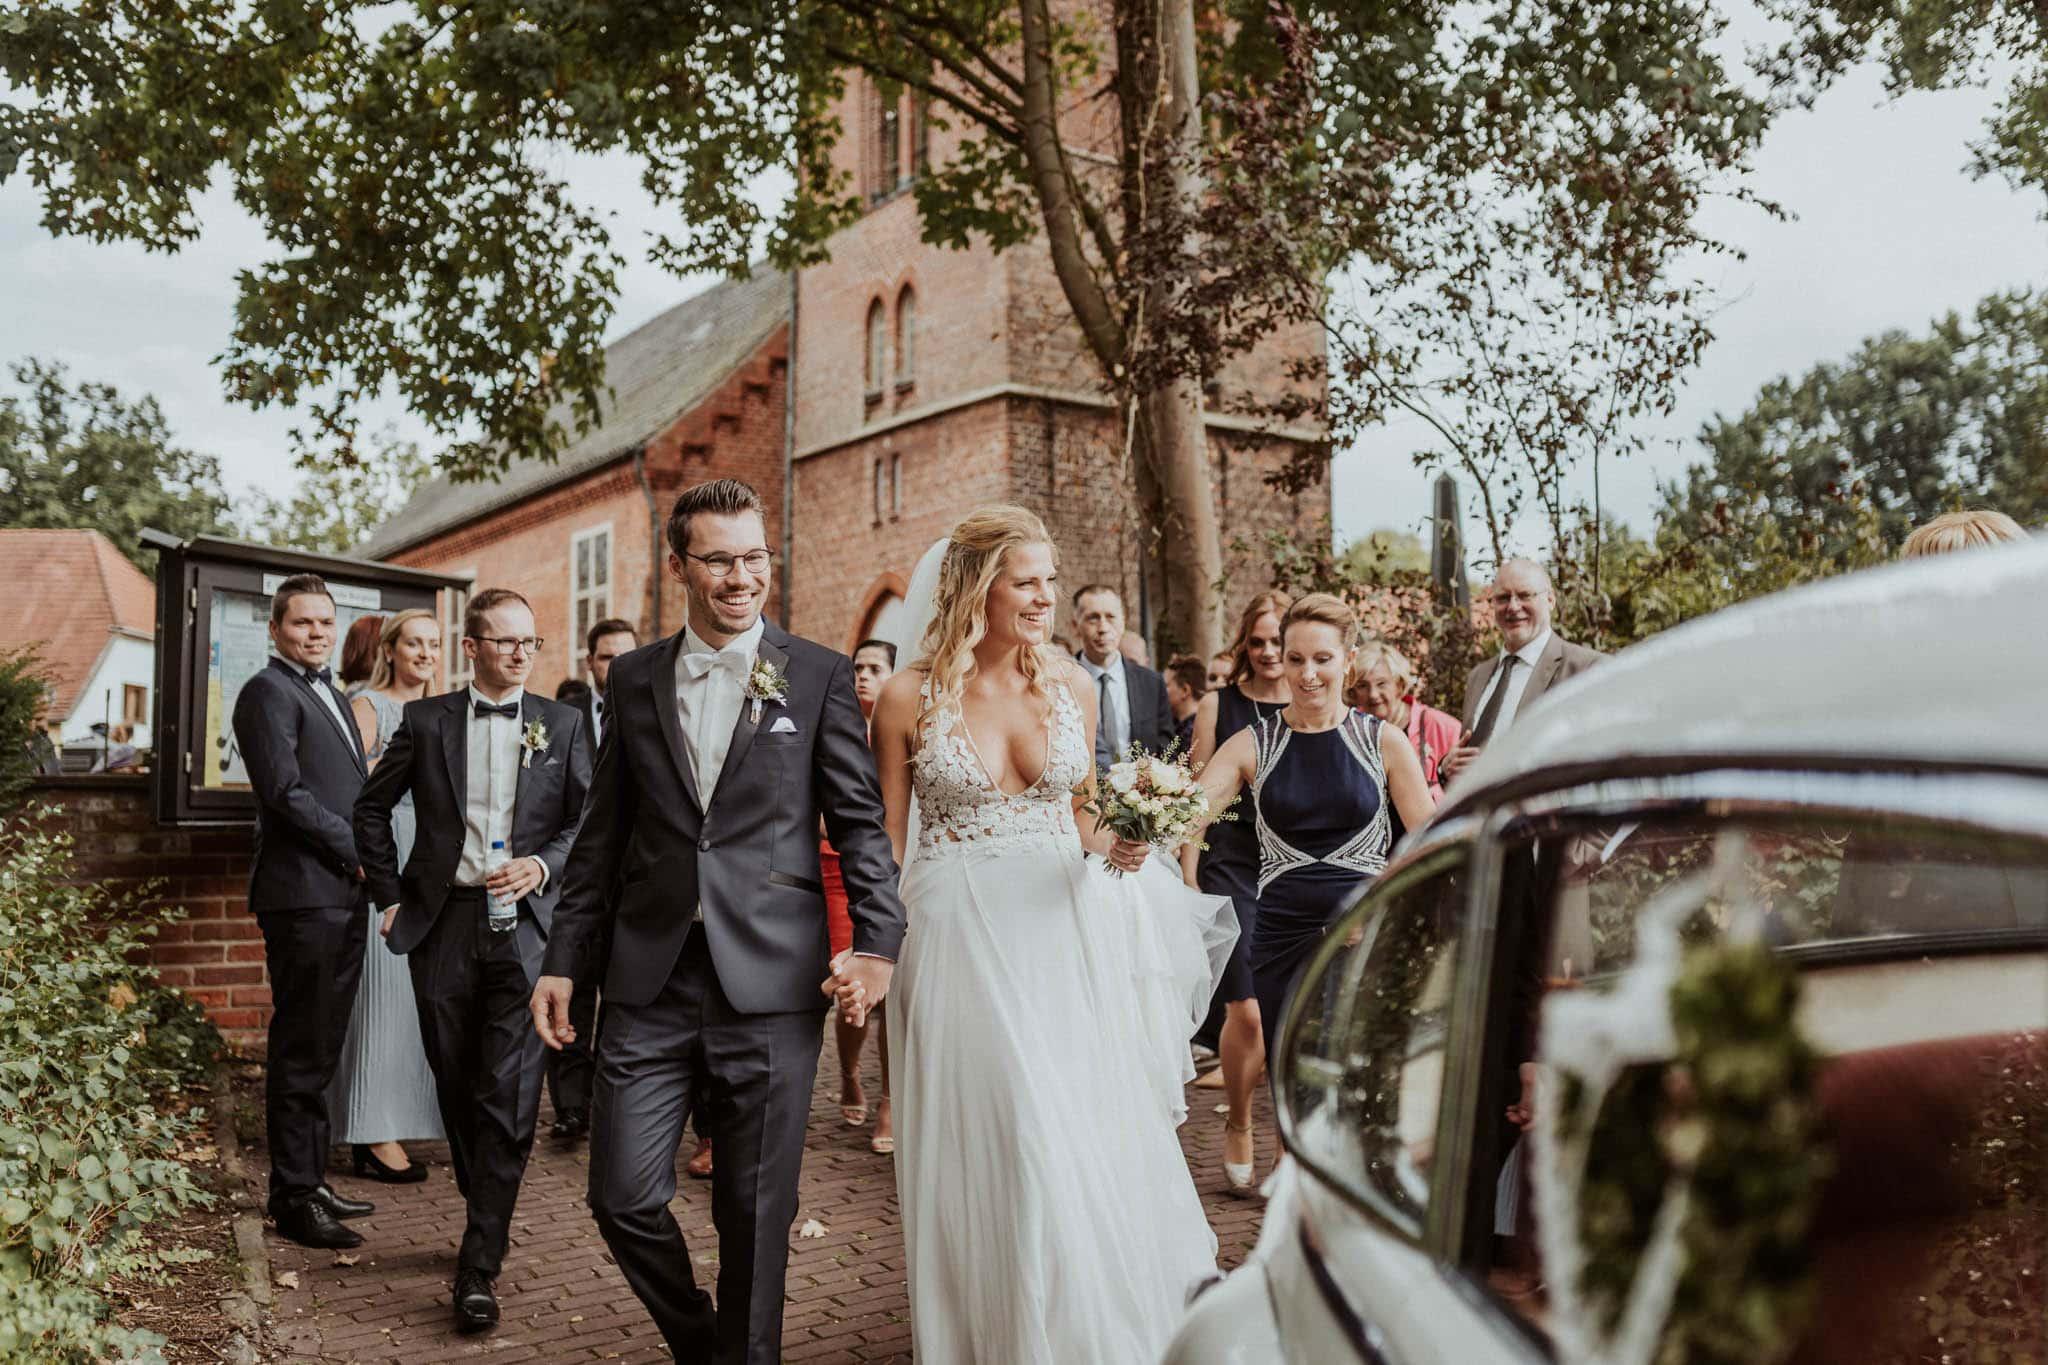 Hochzeitsfieber by Photo-Schomburg, Hochzeitsfotograf, Hamburg, Bremen, Hochzeitstag, Hochzeitspaar, Braut, Bräutigam, Bremen-Kränholm,Knoops Park-120